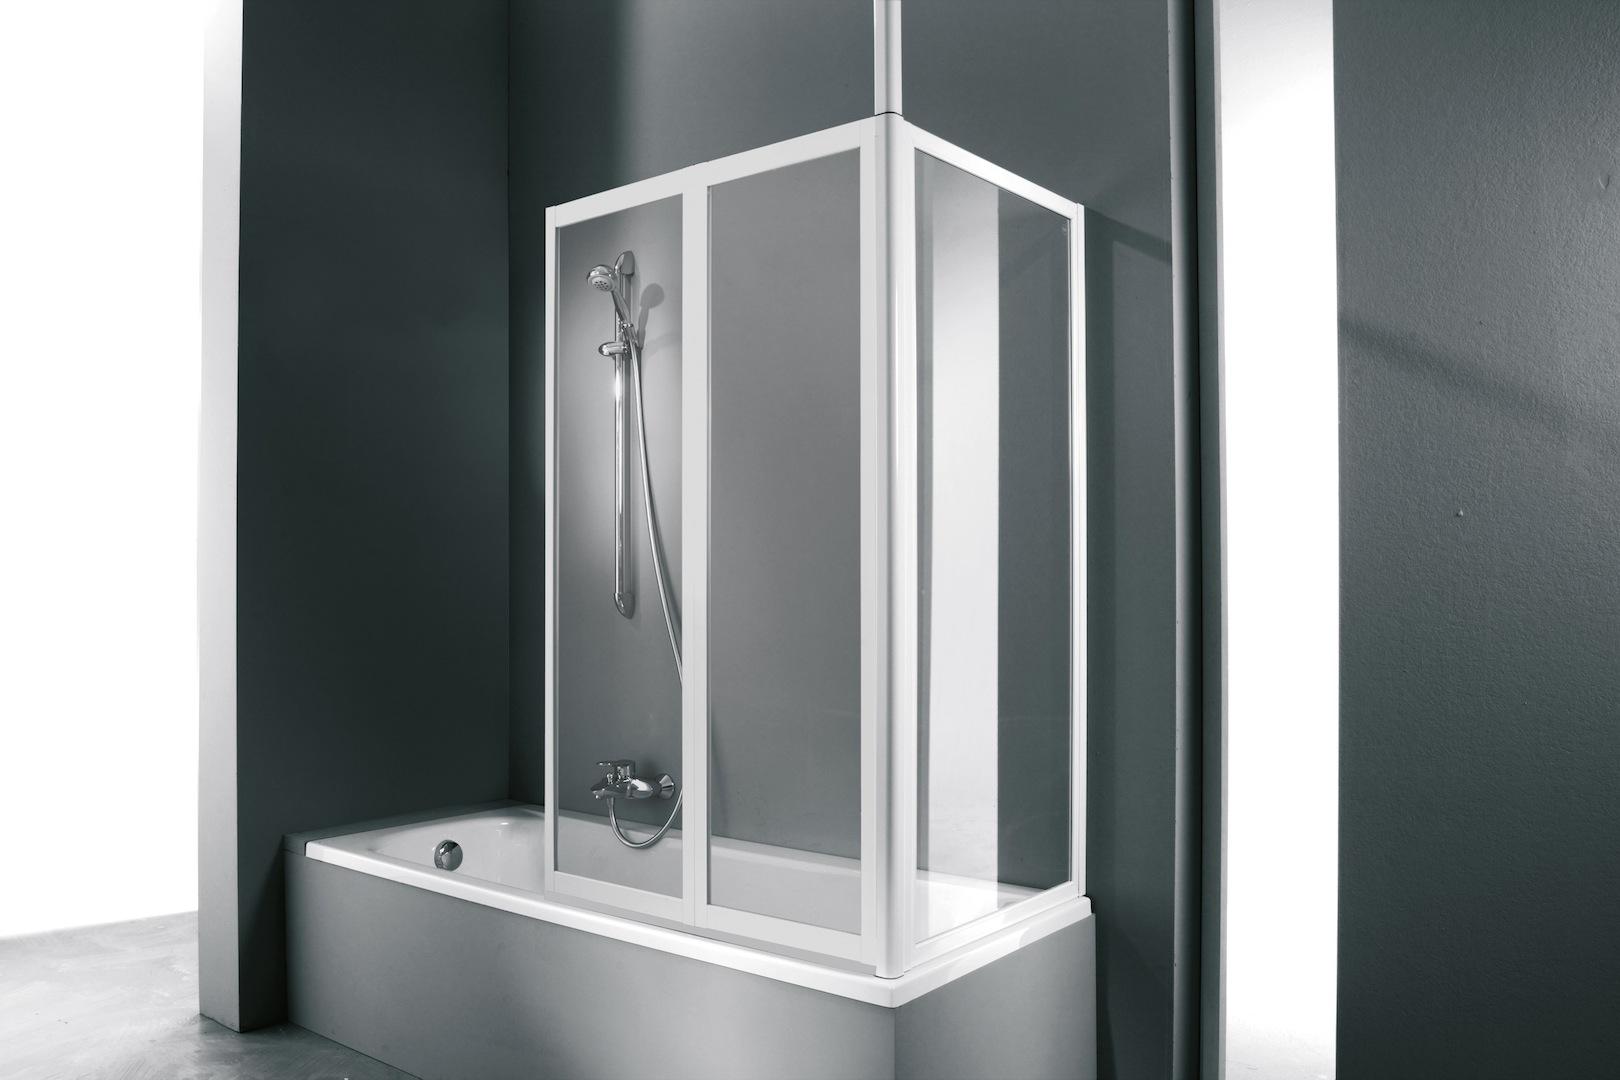 Betonnen Badkamer Kosten ~   van H?PPE  Nieuws Startpagina voor badkamer idee?n  UW badkamer nl